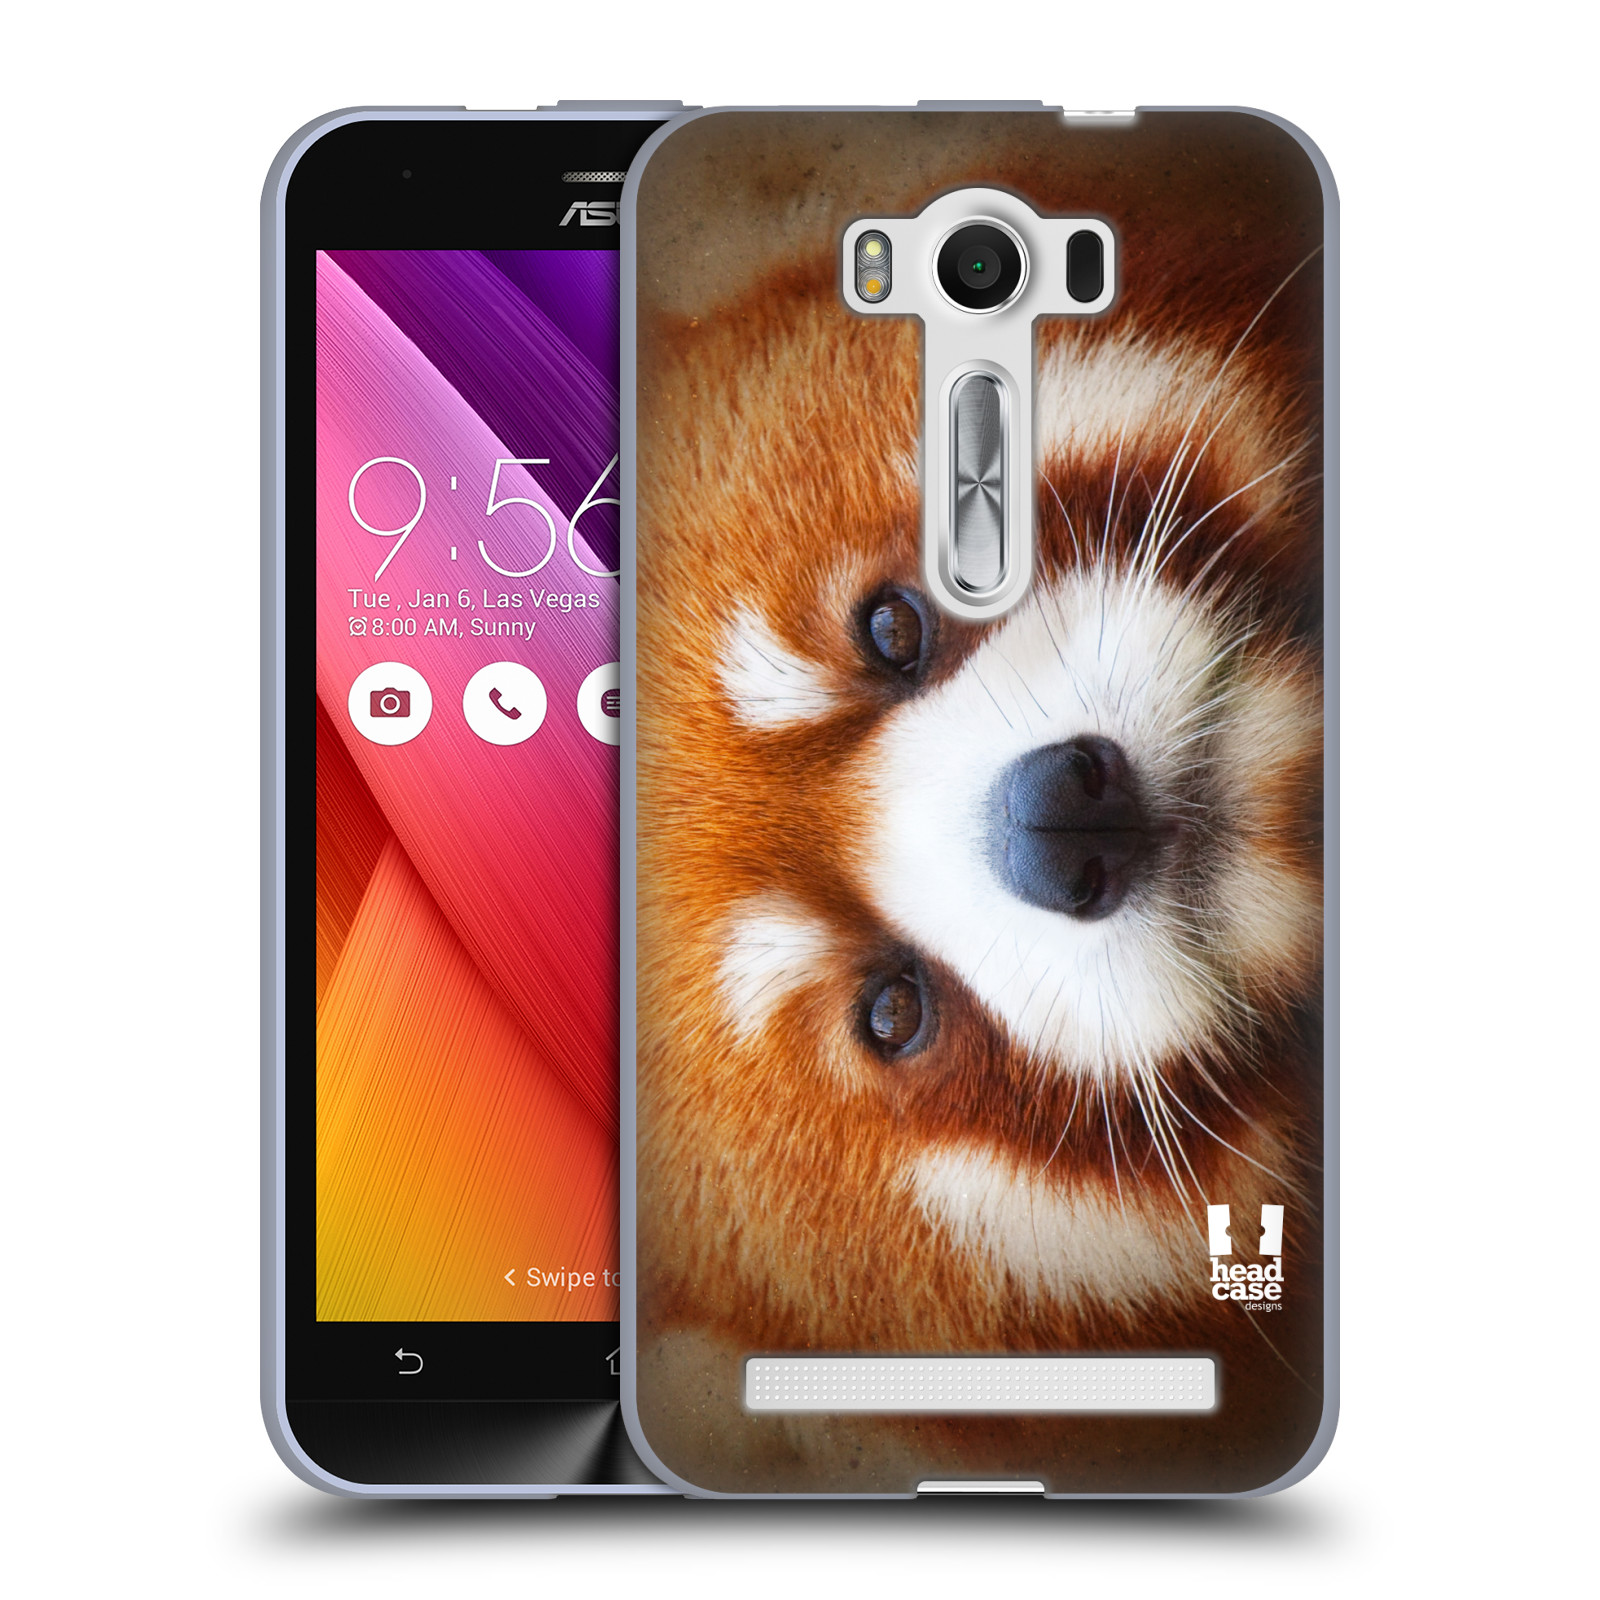 """HEAD CASE silikonový obal na mobil Asus Zenfone 2 LASER (ZE500KL s 5"""" displejem) vzor Zvířecí tváře 2 medvěd panda rudá"""